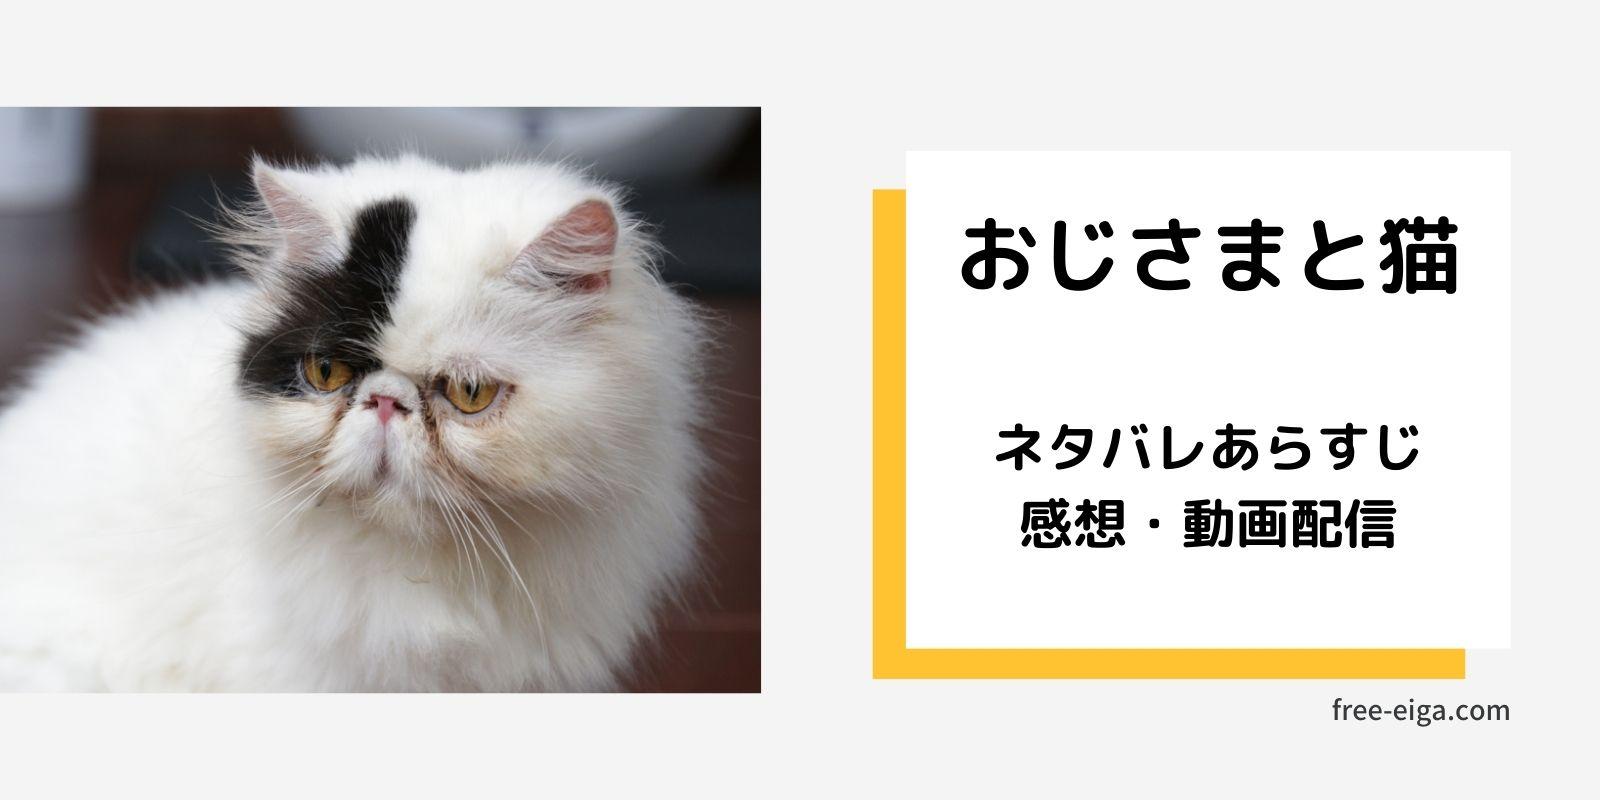 ドラマ「おじさまと猫」ネタバレあらすじ・感想・動画配信情報